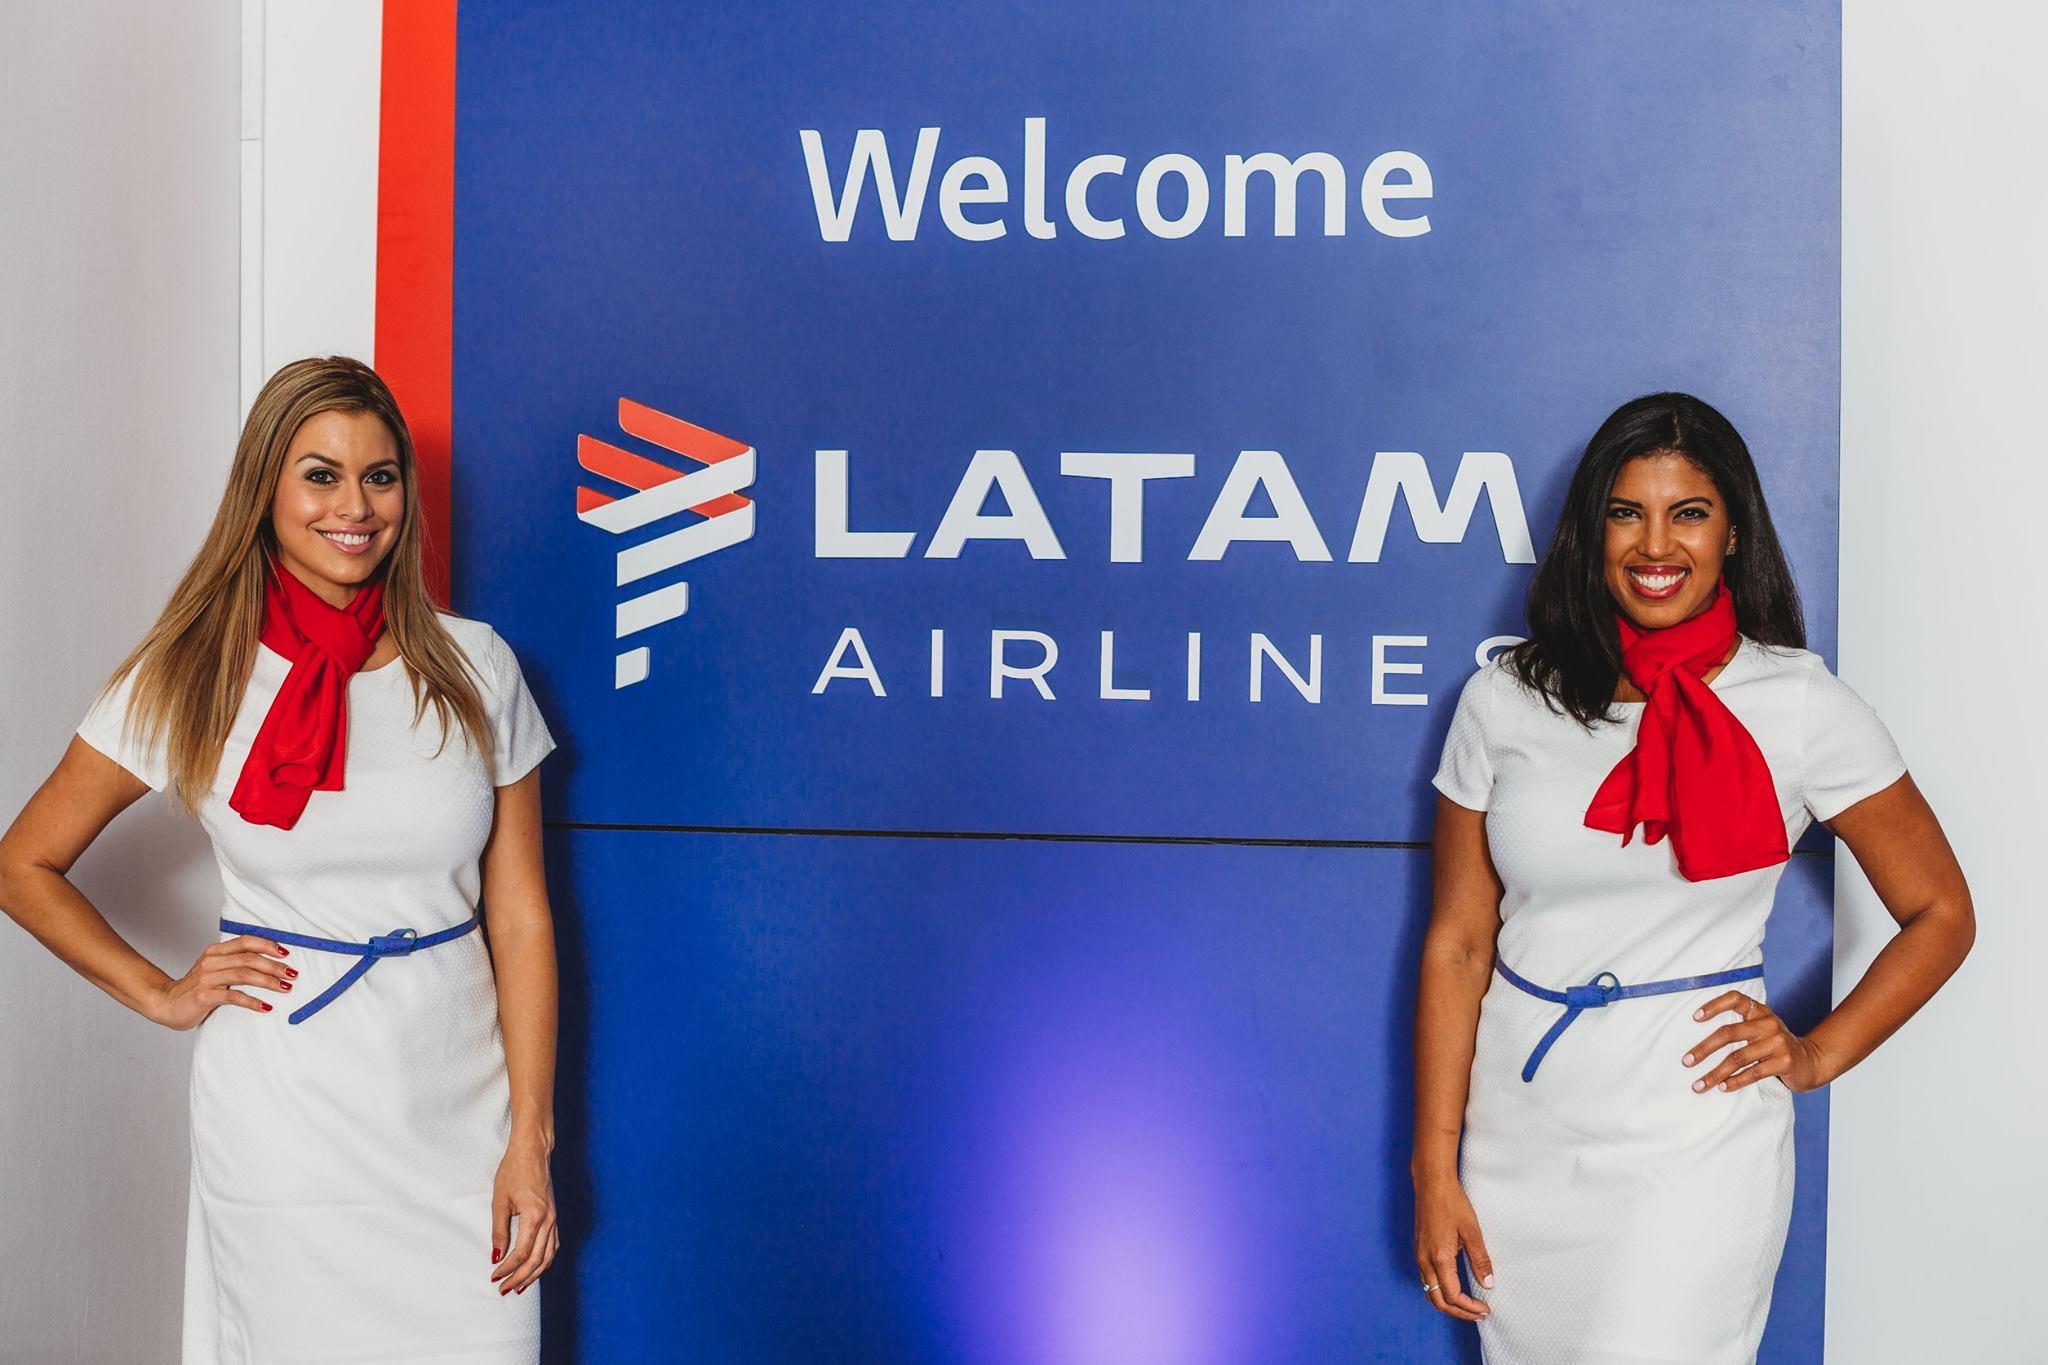 アラスカ航空(AS)、LATAM航空(LA)フライトでのマイレージ加算率を改悪